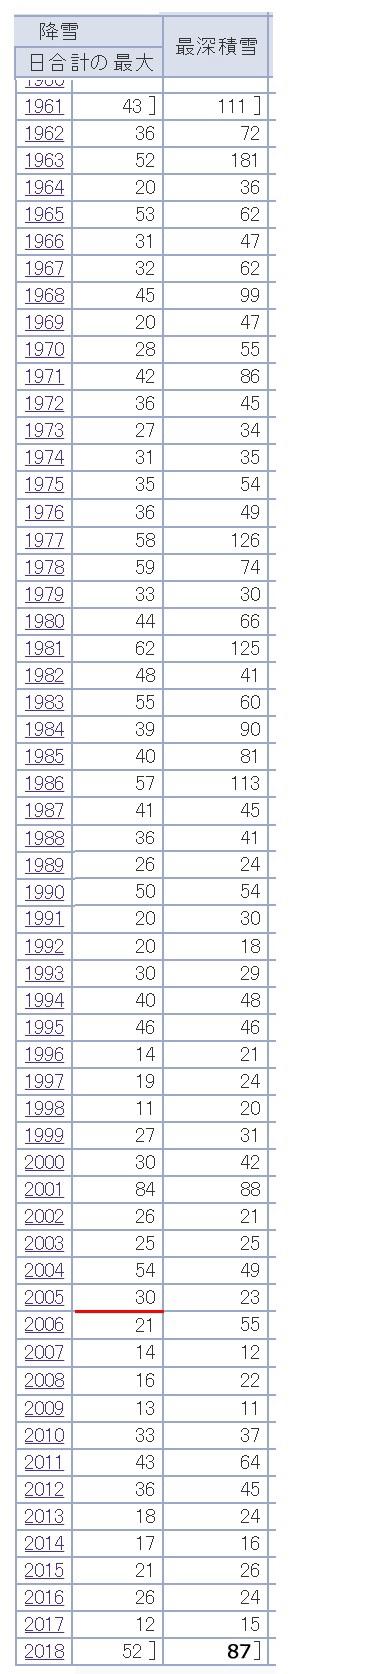 金沢の過去の最大降雪量の記録データ